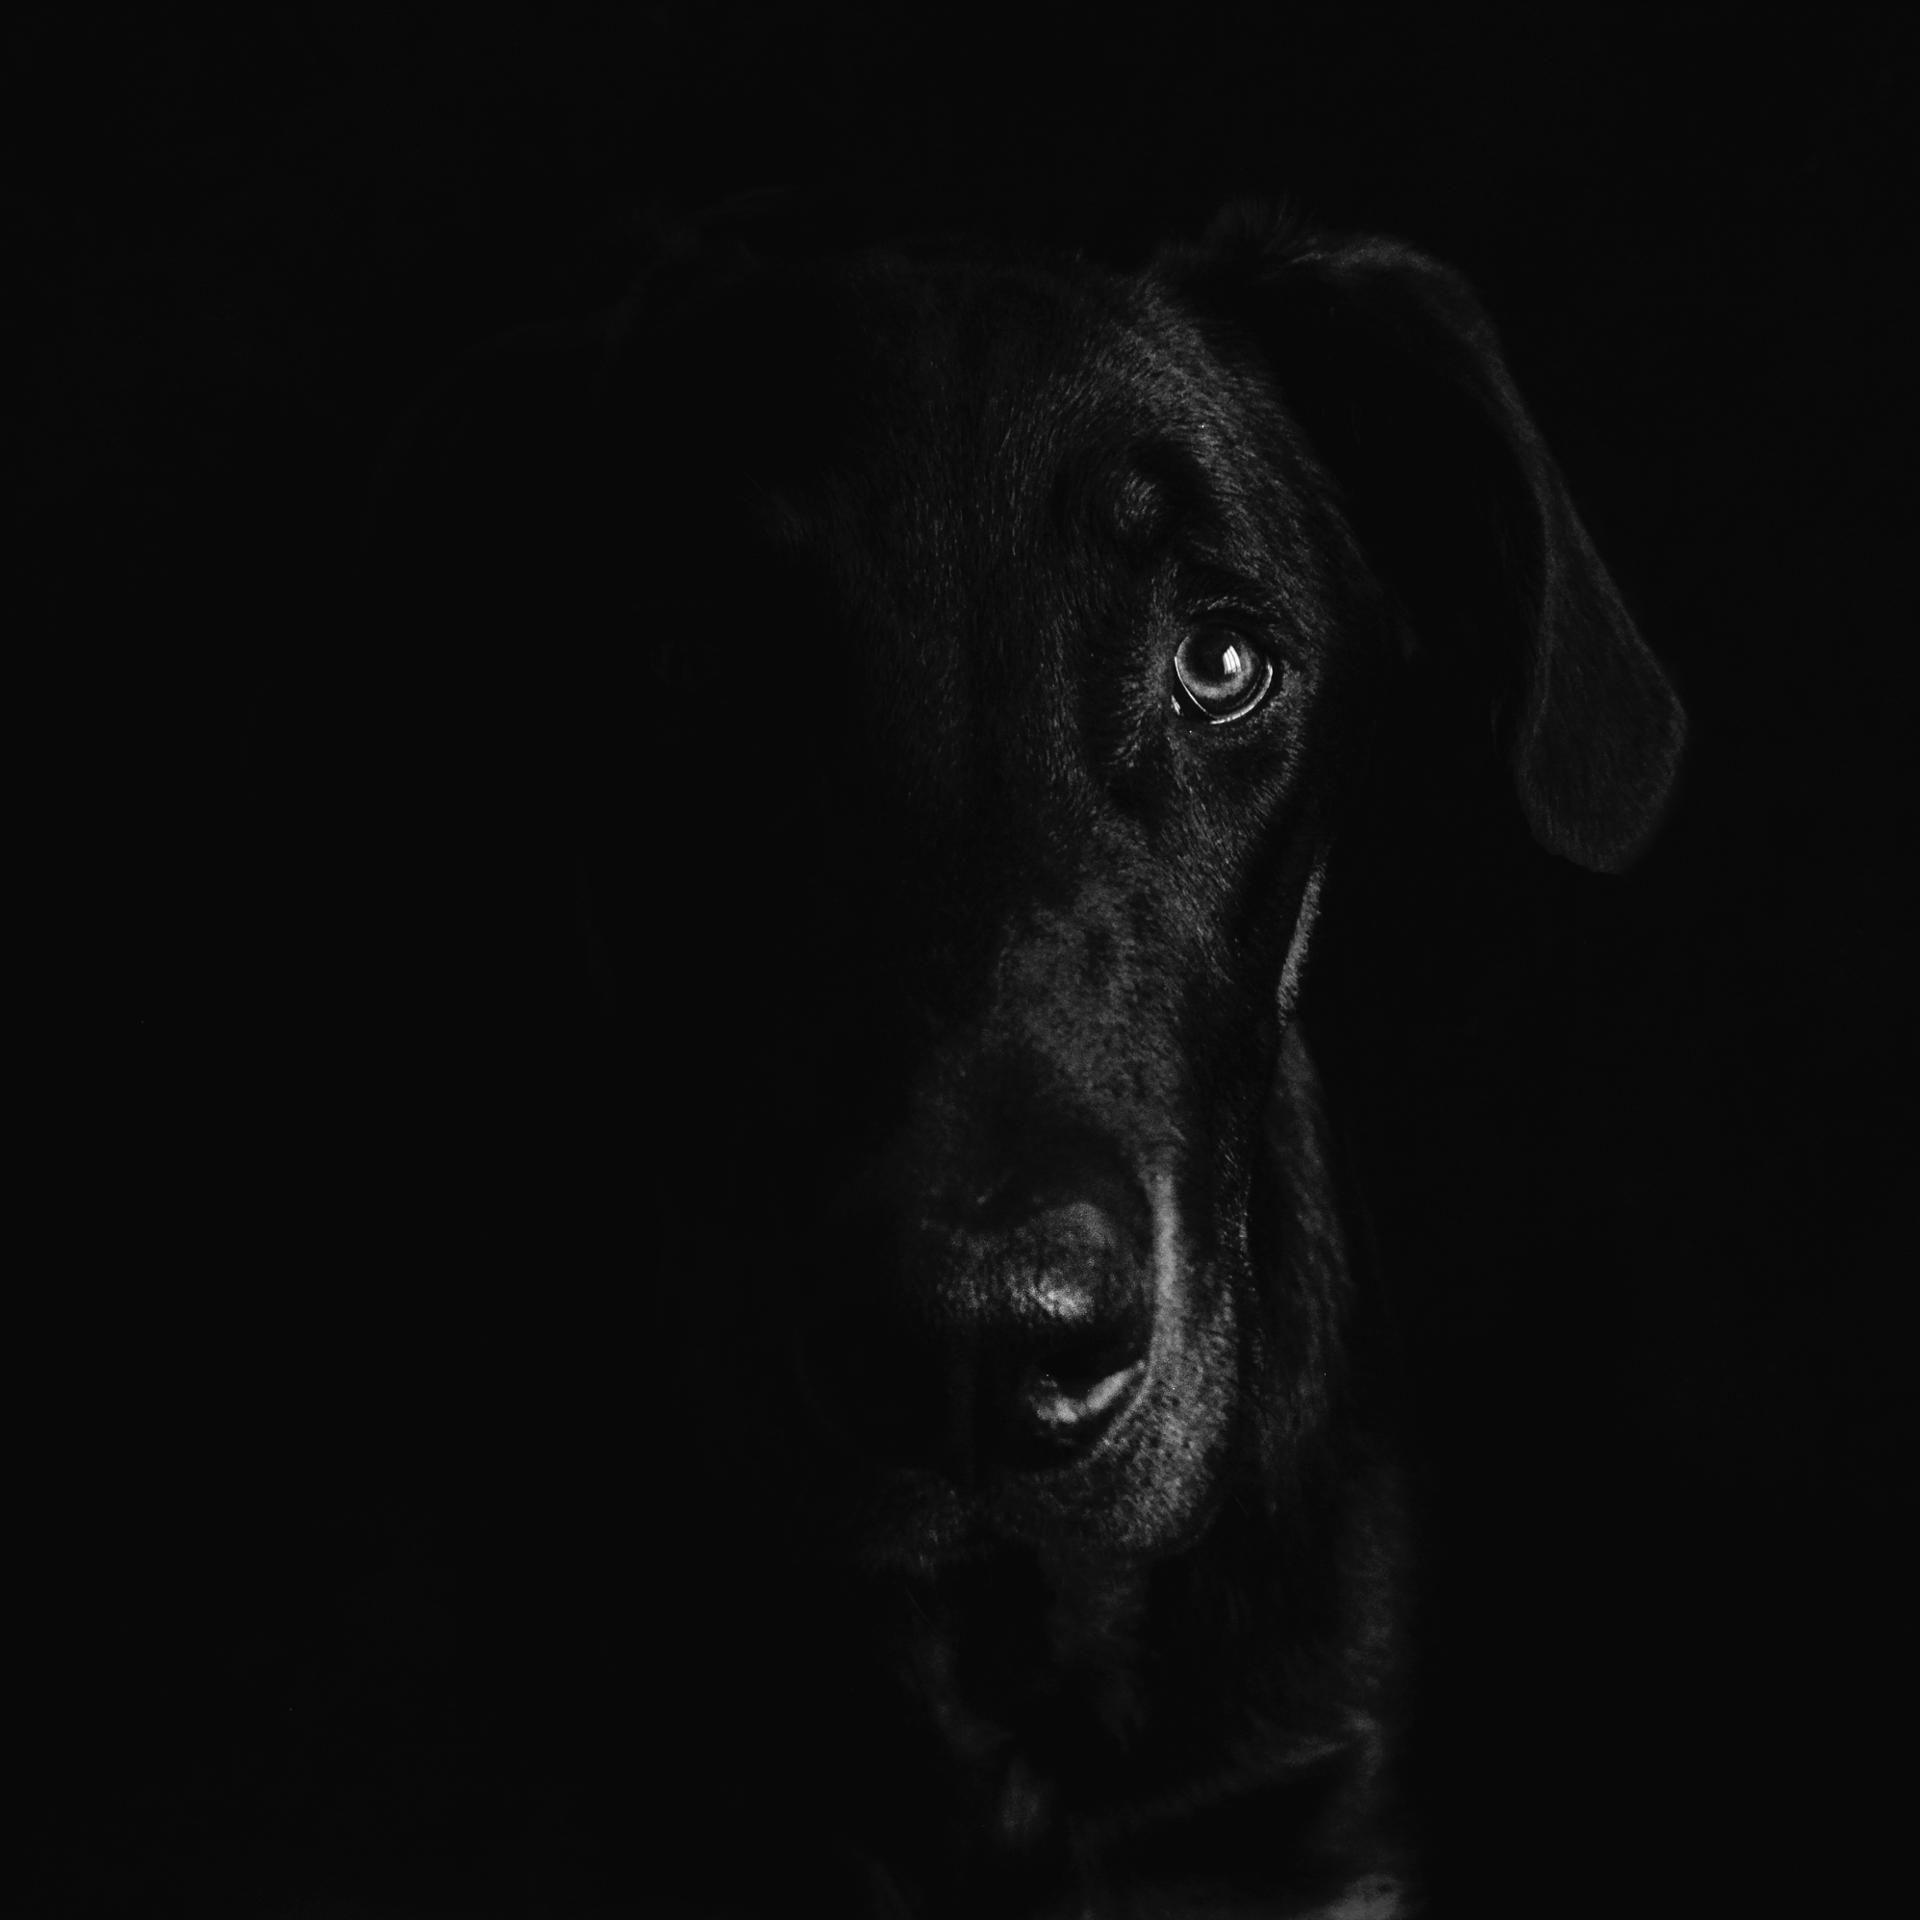 de l 39 ombre la lumi re photographie artistique contemporaine noir et blanc chien. Black Bedroom Furniture Sets. Home Design Ideas